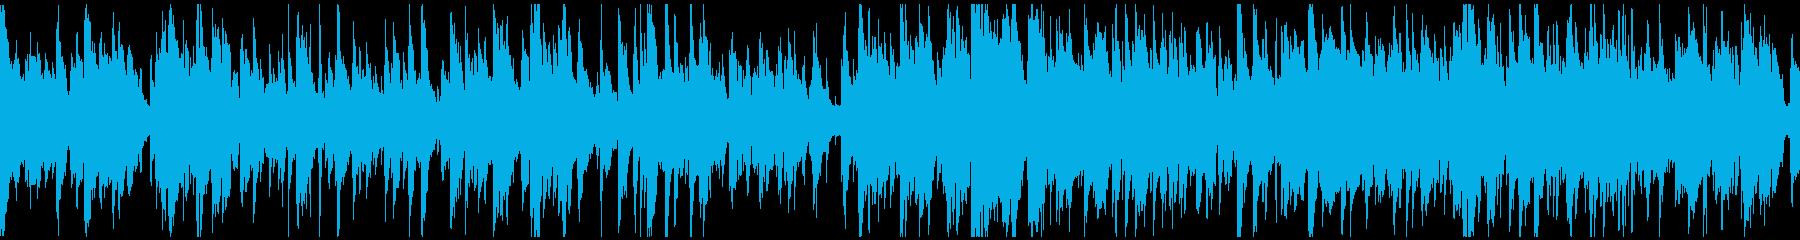 綺麗系のジャズワルツ、サックス※ループ版の再生済みの波形